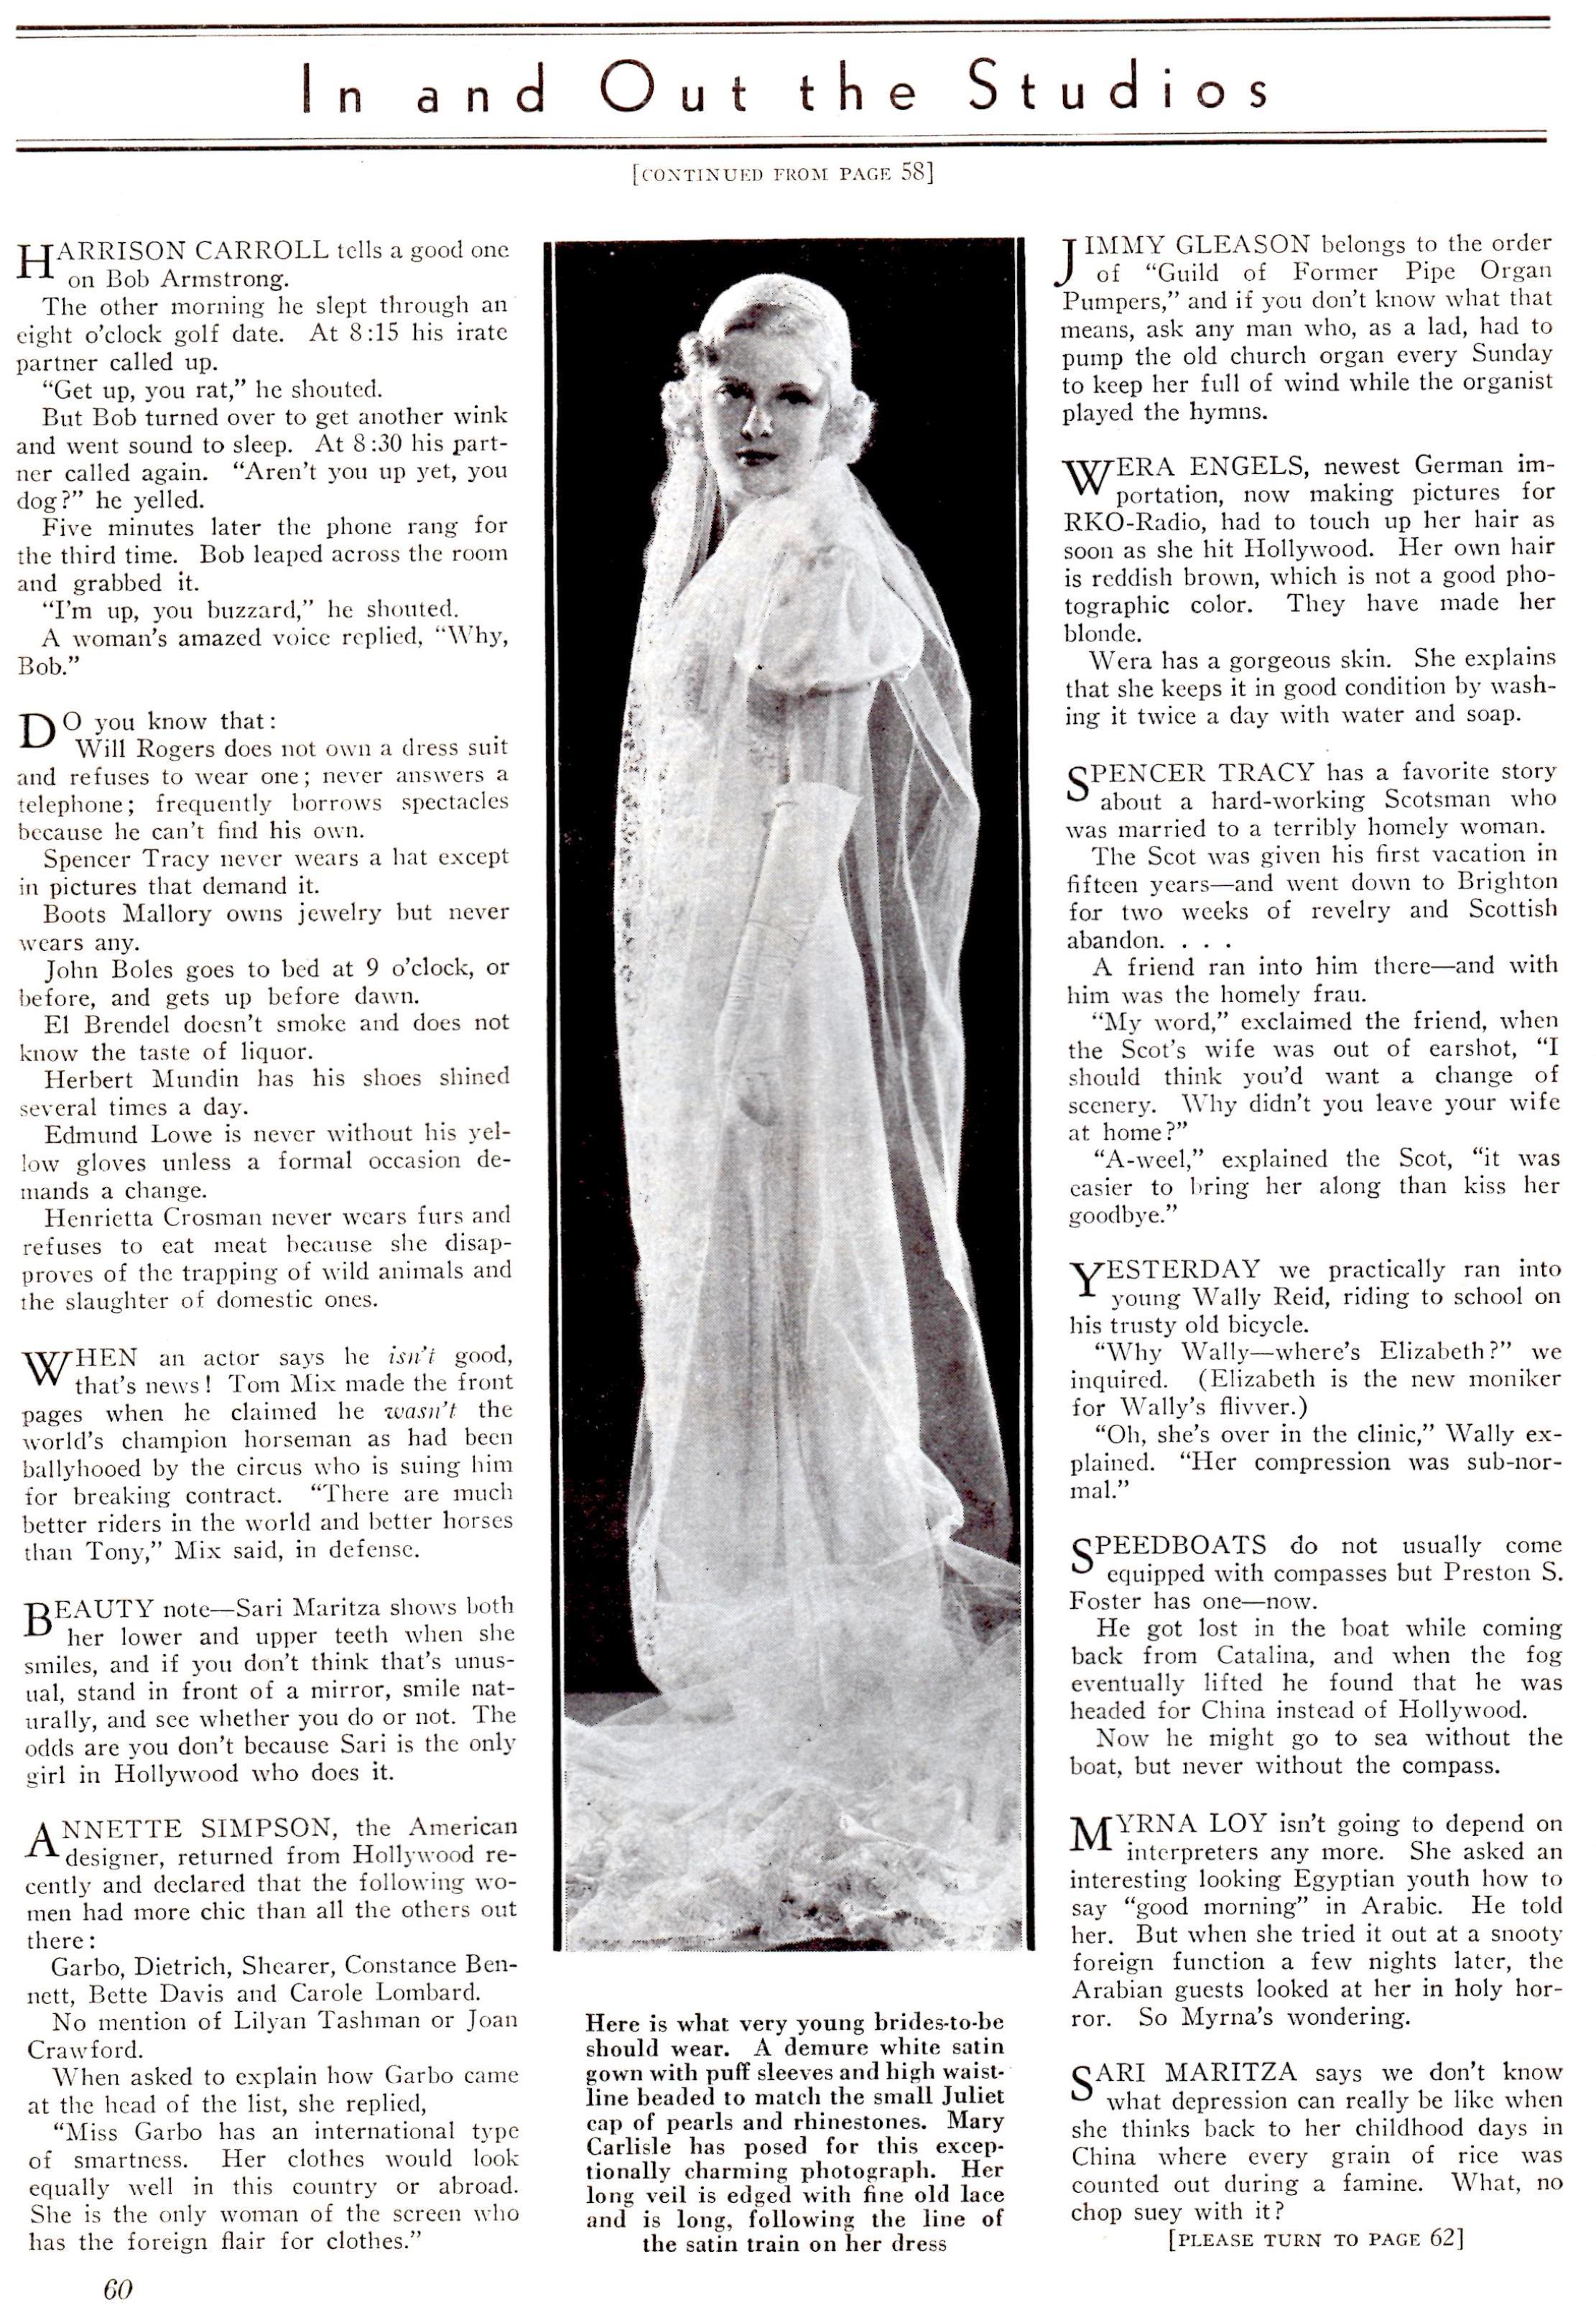 carole lombard shadoplay may 1933fa